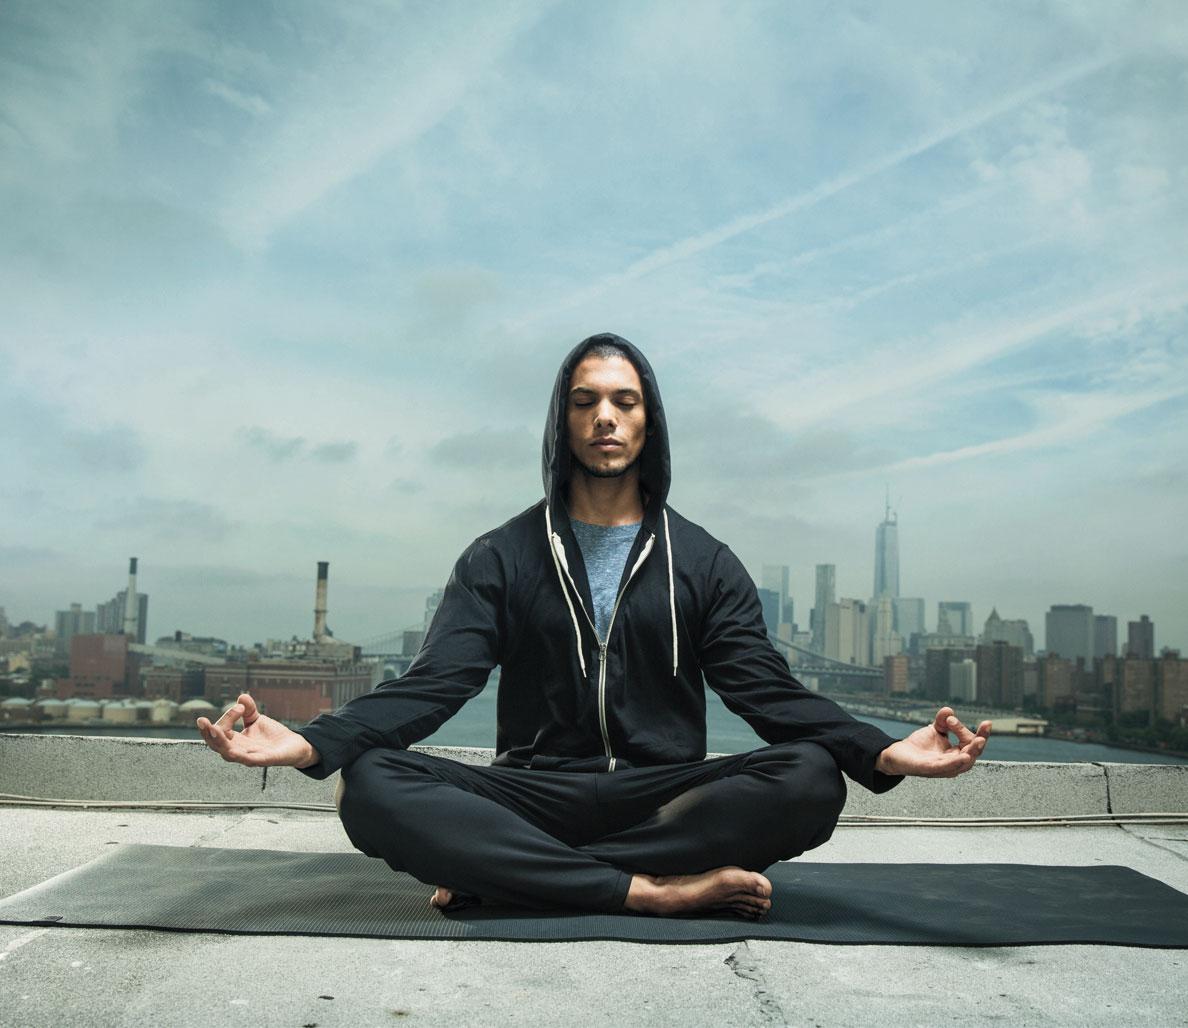 یوگا چطور میتواند به نفخ شکم کمک کند؟